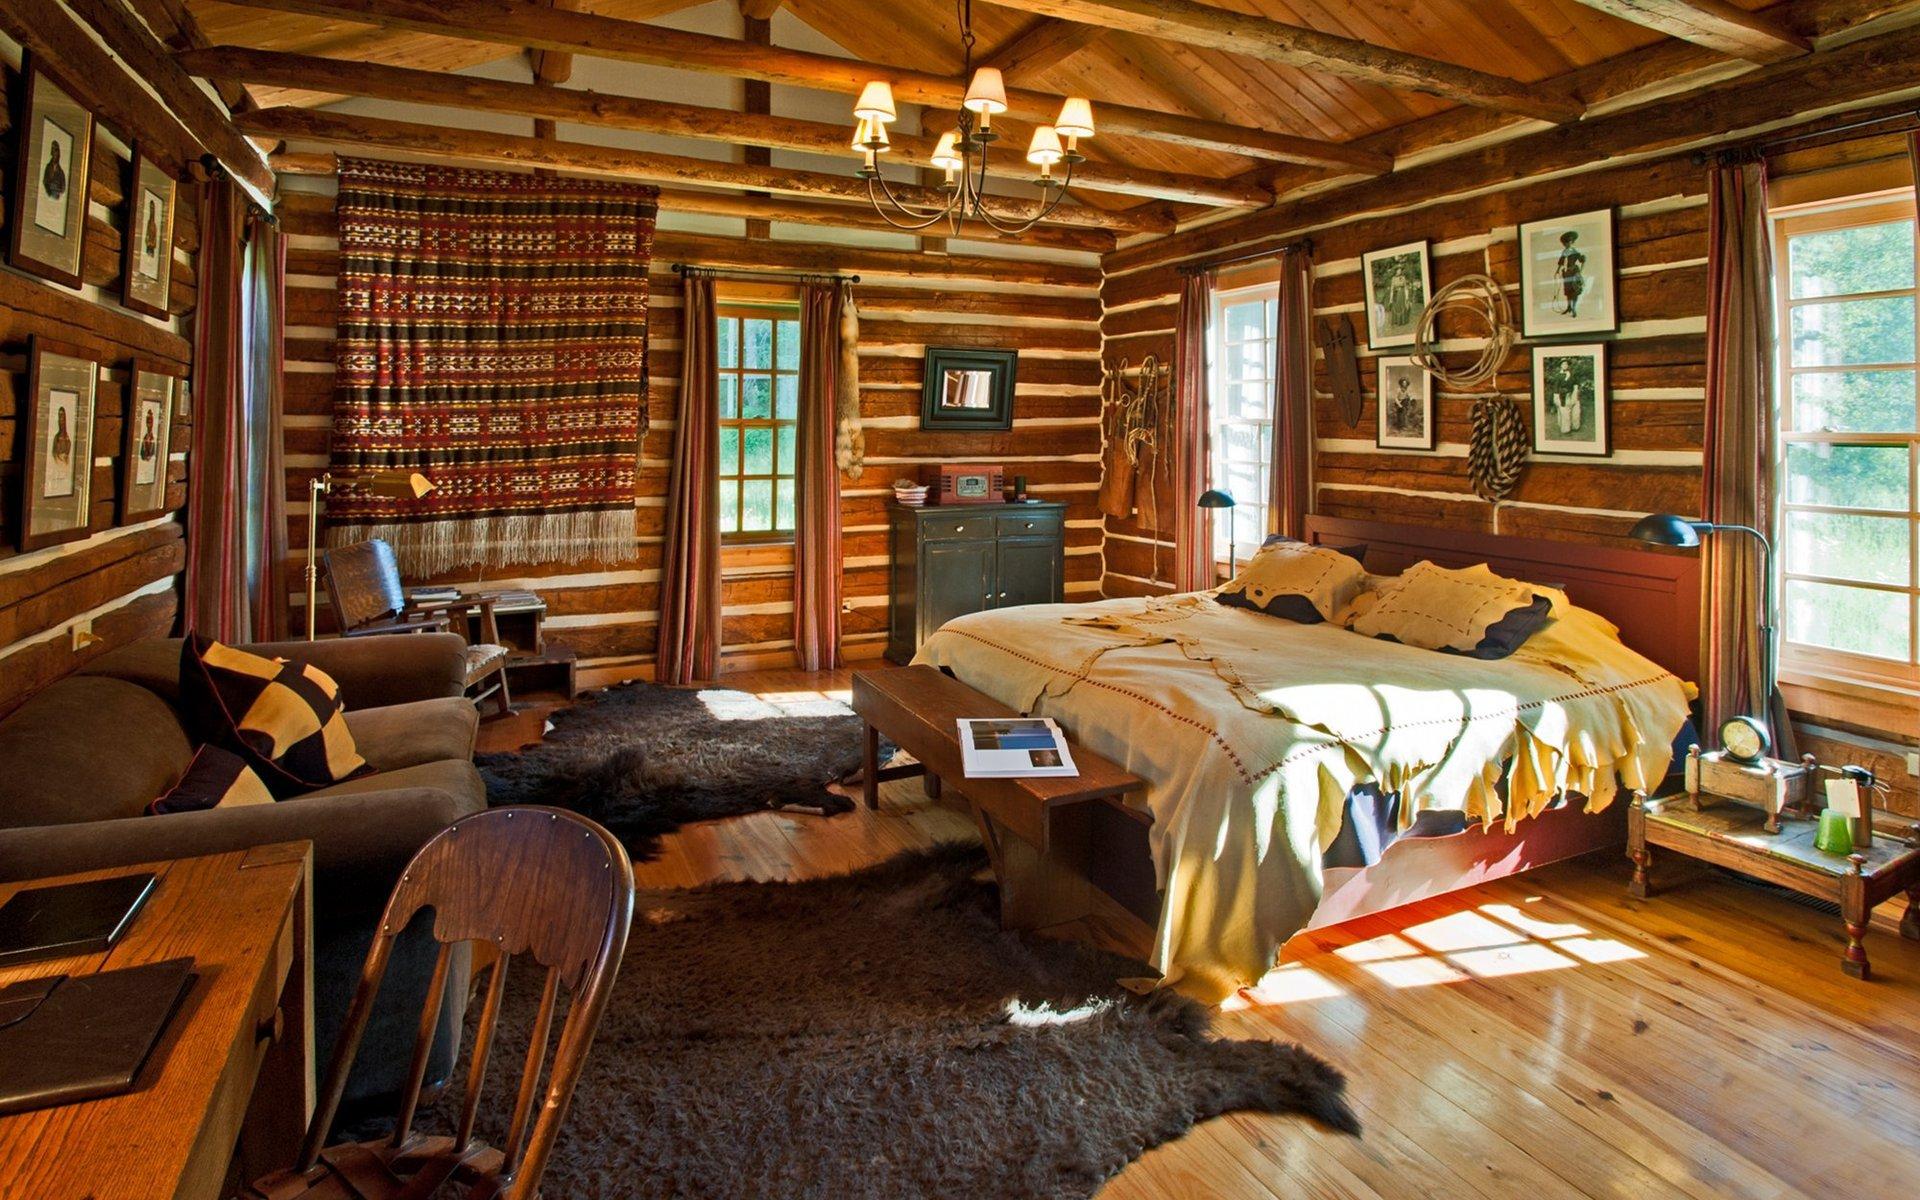 уютный интерьер загородного дома фото